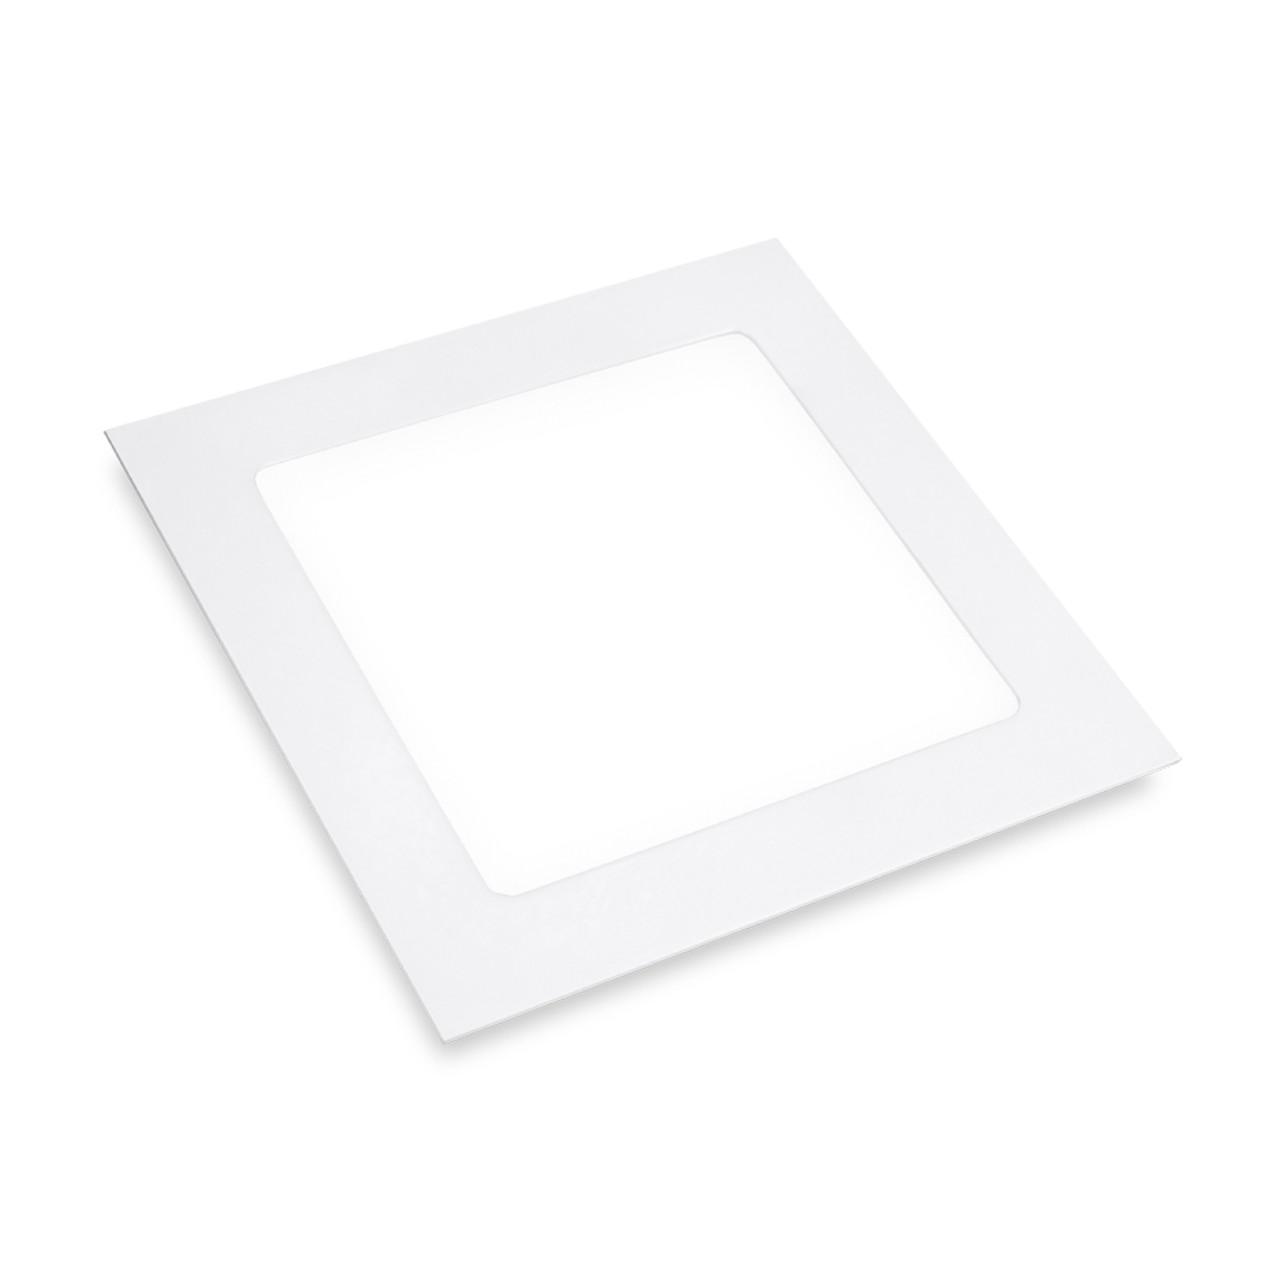 Врезной led-светильник Eurolamp LED Panel 24W квадратный